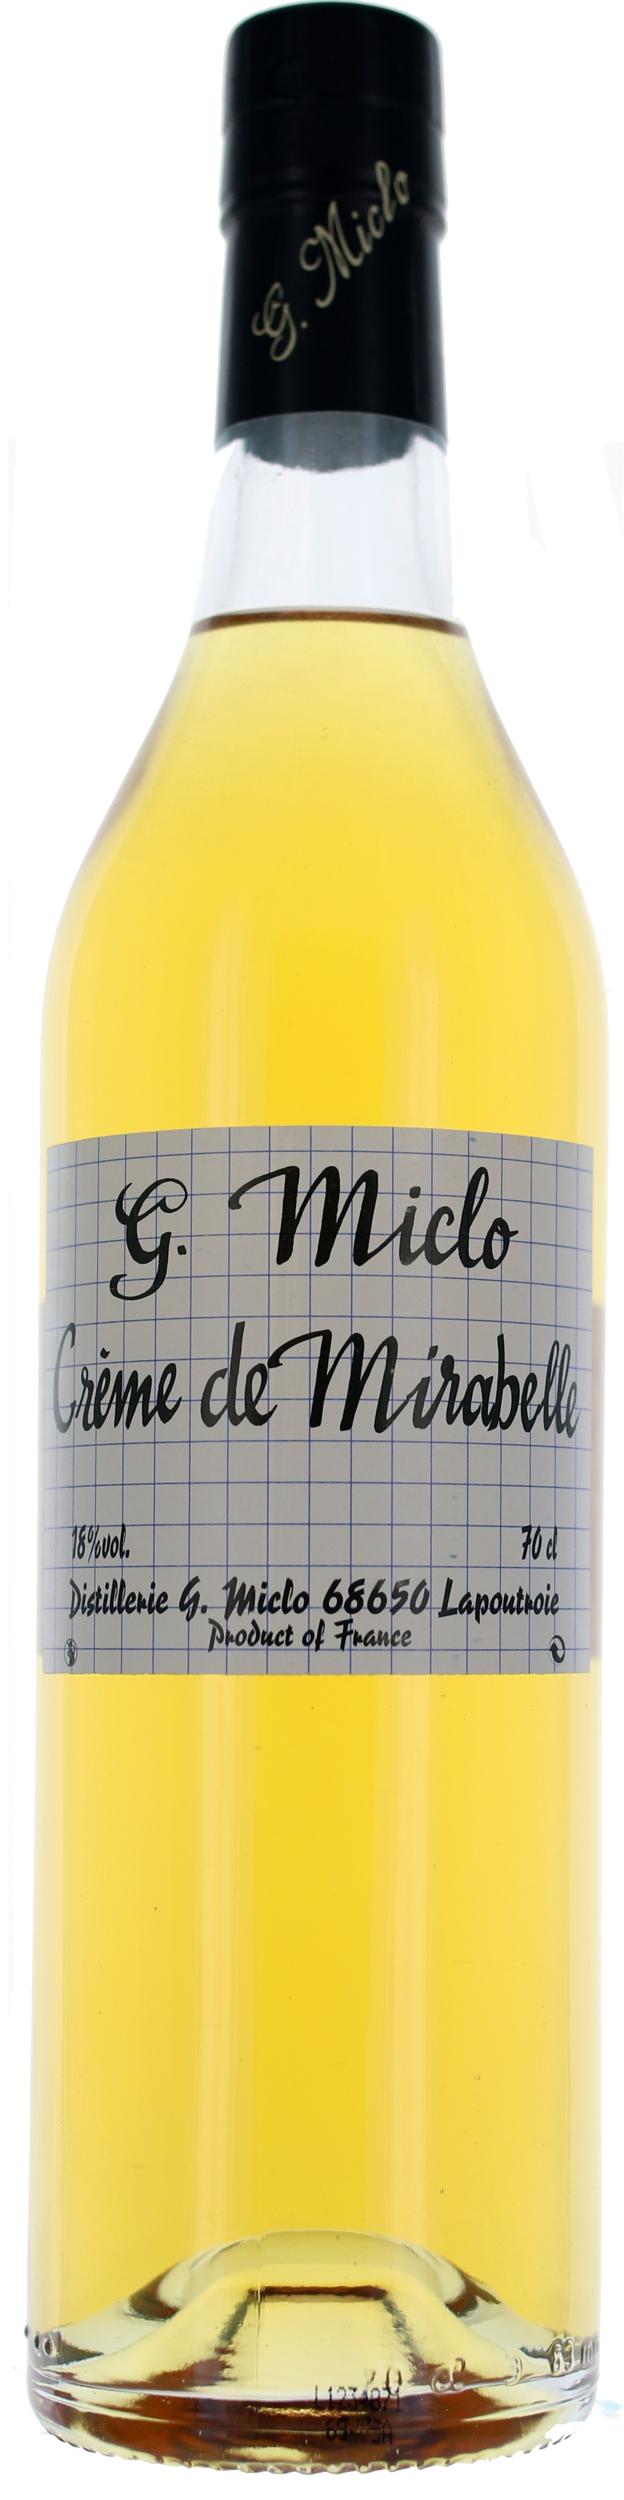 CREME DE MIRABELLE - 18° - G. Miclo